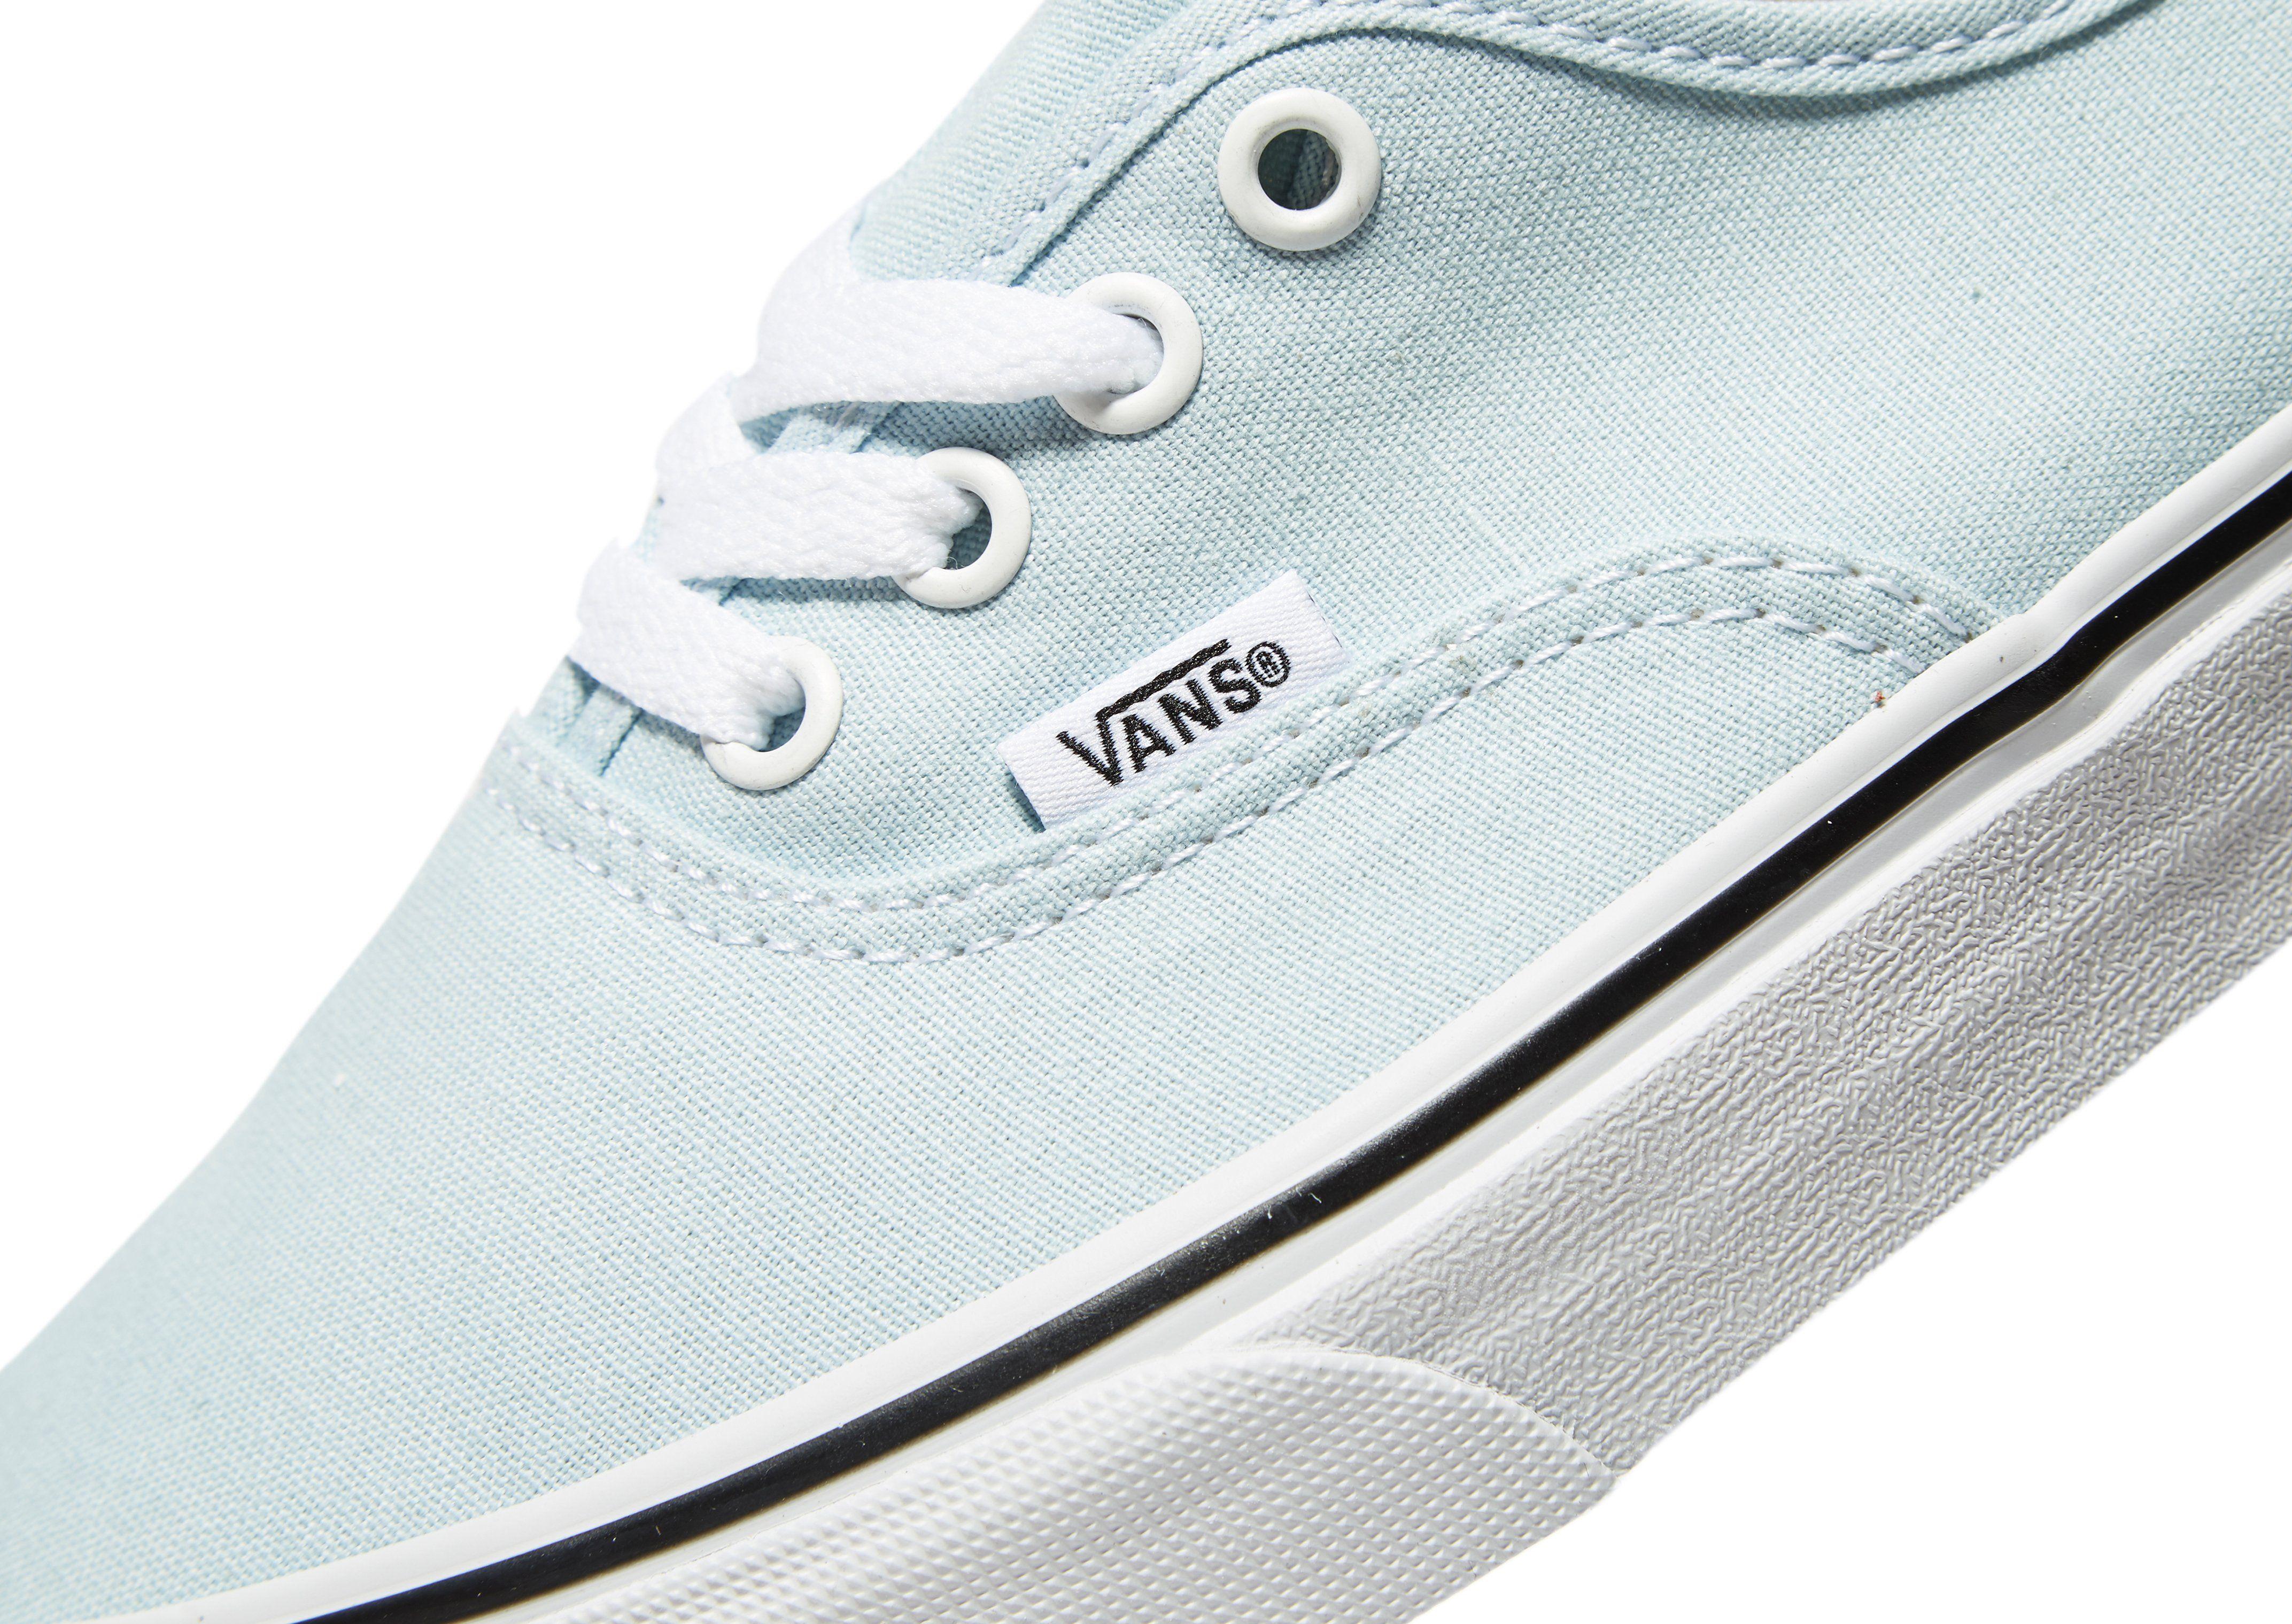 Billig Verkauf Verkauf Vans Authentic Damen Blau Blau Auslass Visa Zahlung Auslass Footlocker Bilder Spielraum-Shop hKf4K